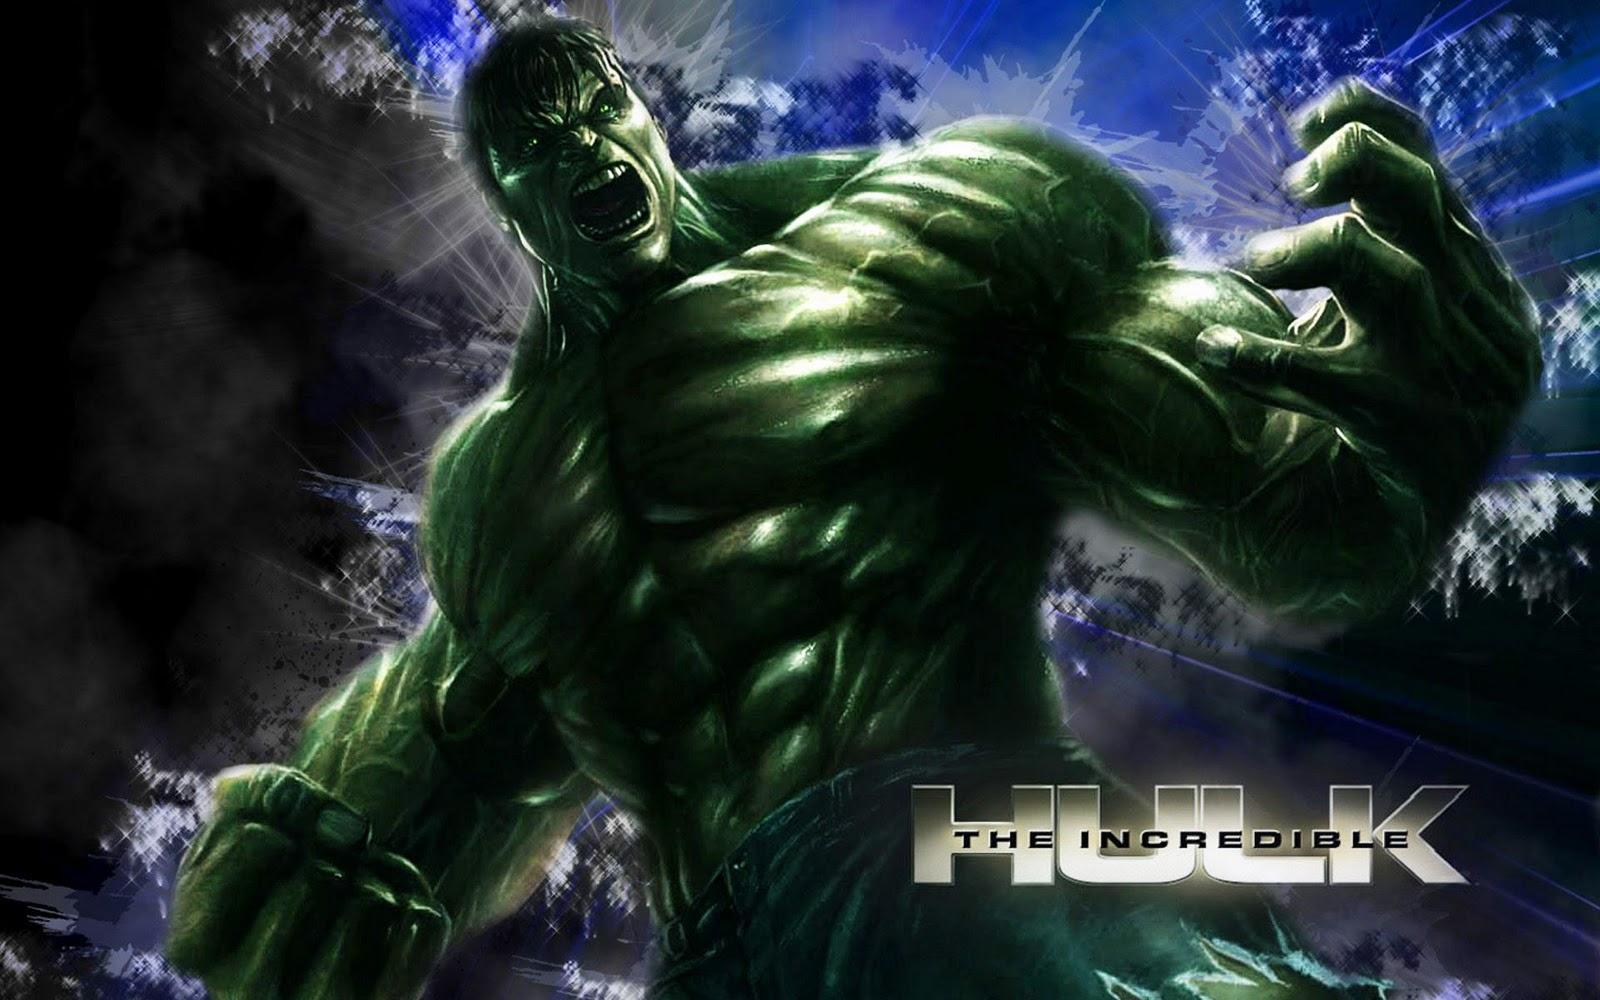 Wallpaper download kodi - Fondos De Comics Hulk Wallpaper Gratis El Hombre Increible